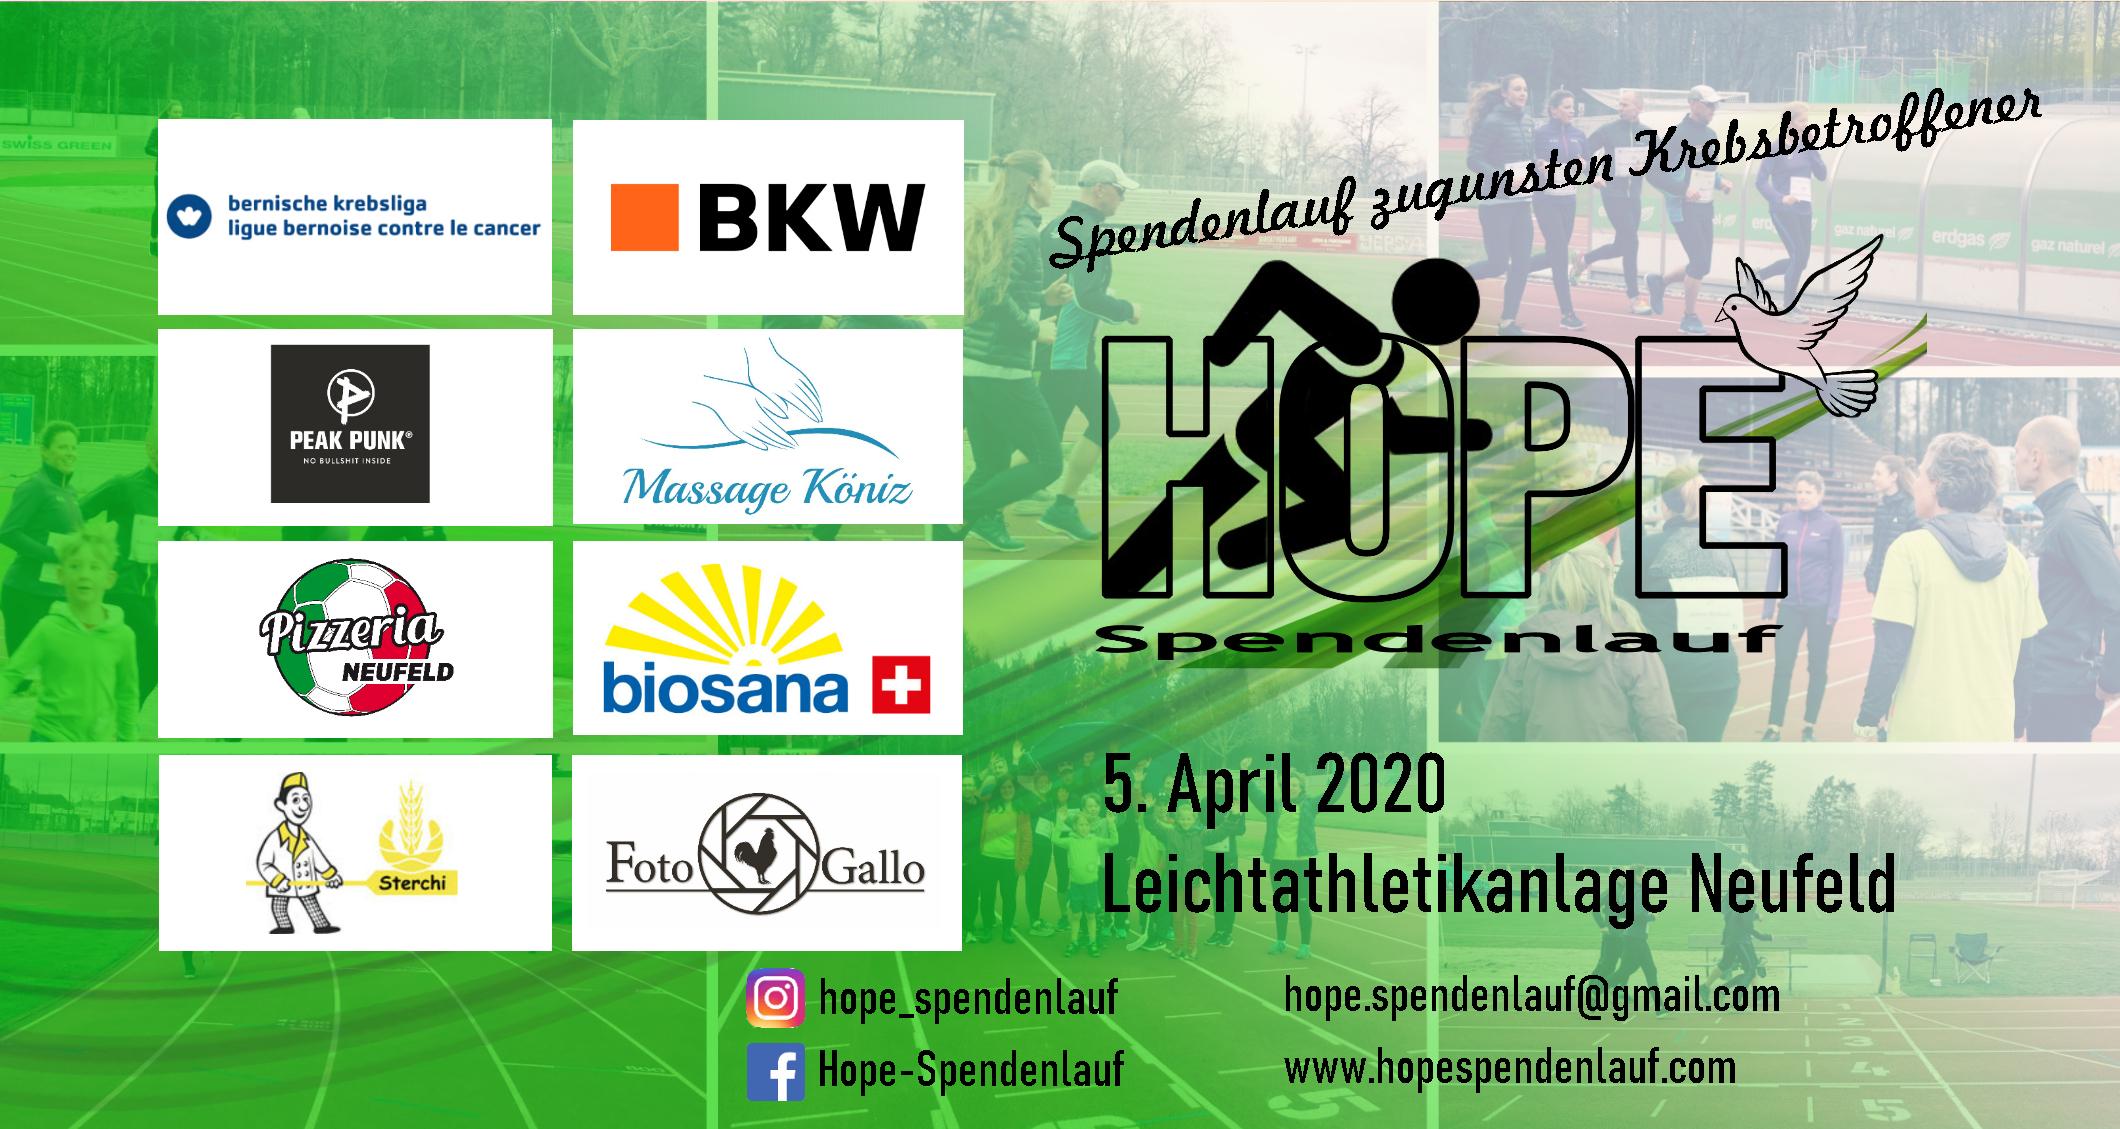 Hope-Spendenlauf